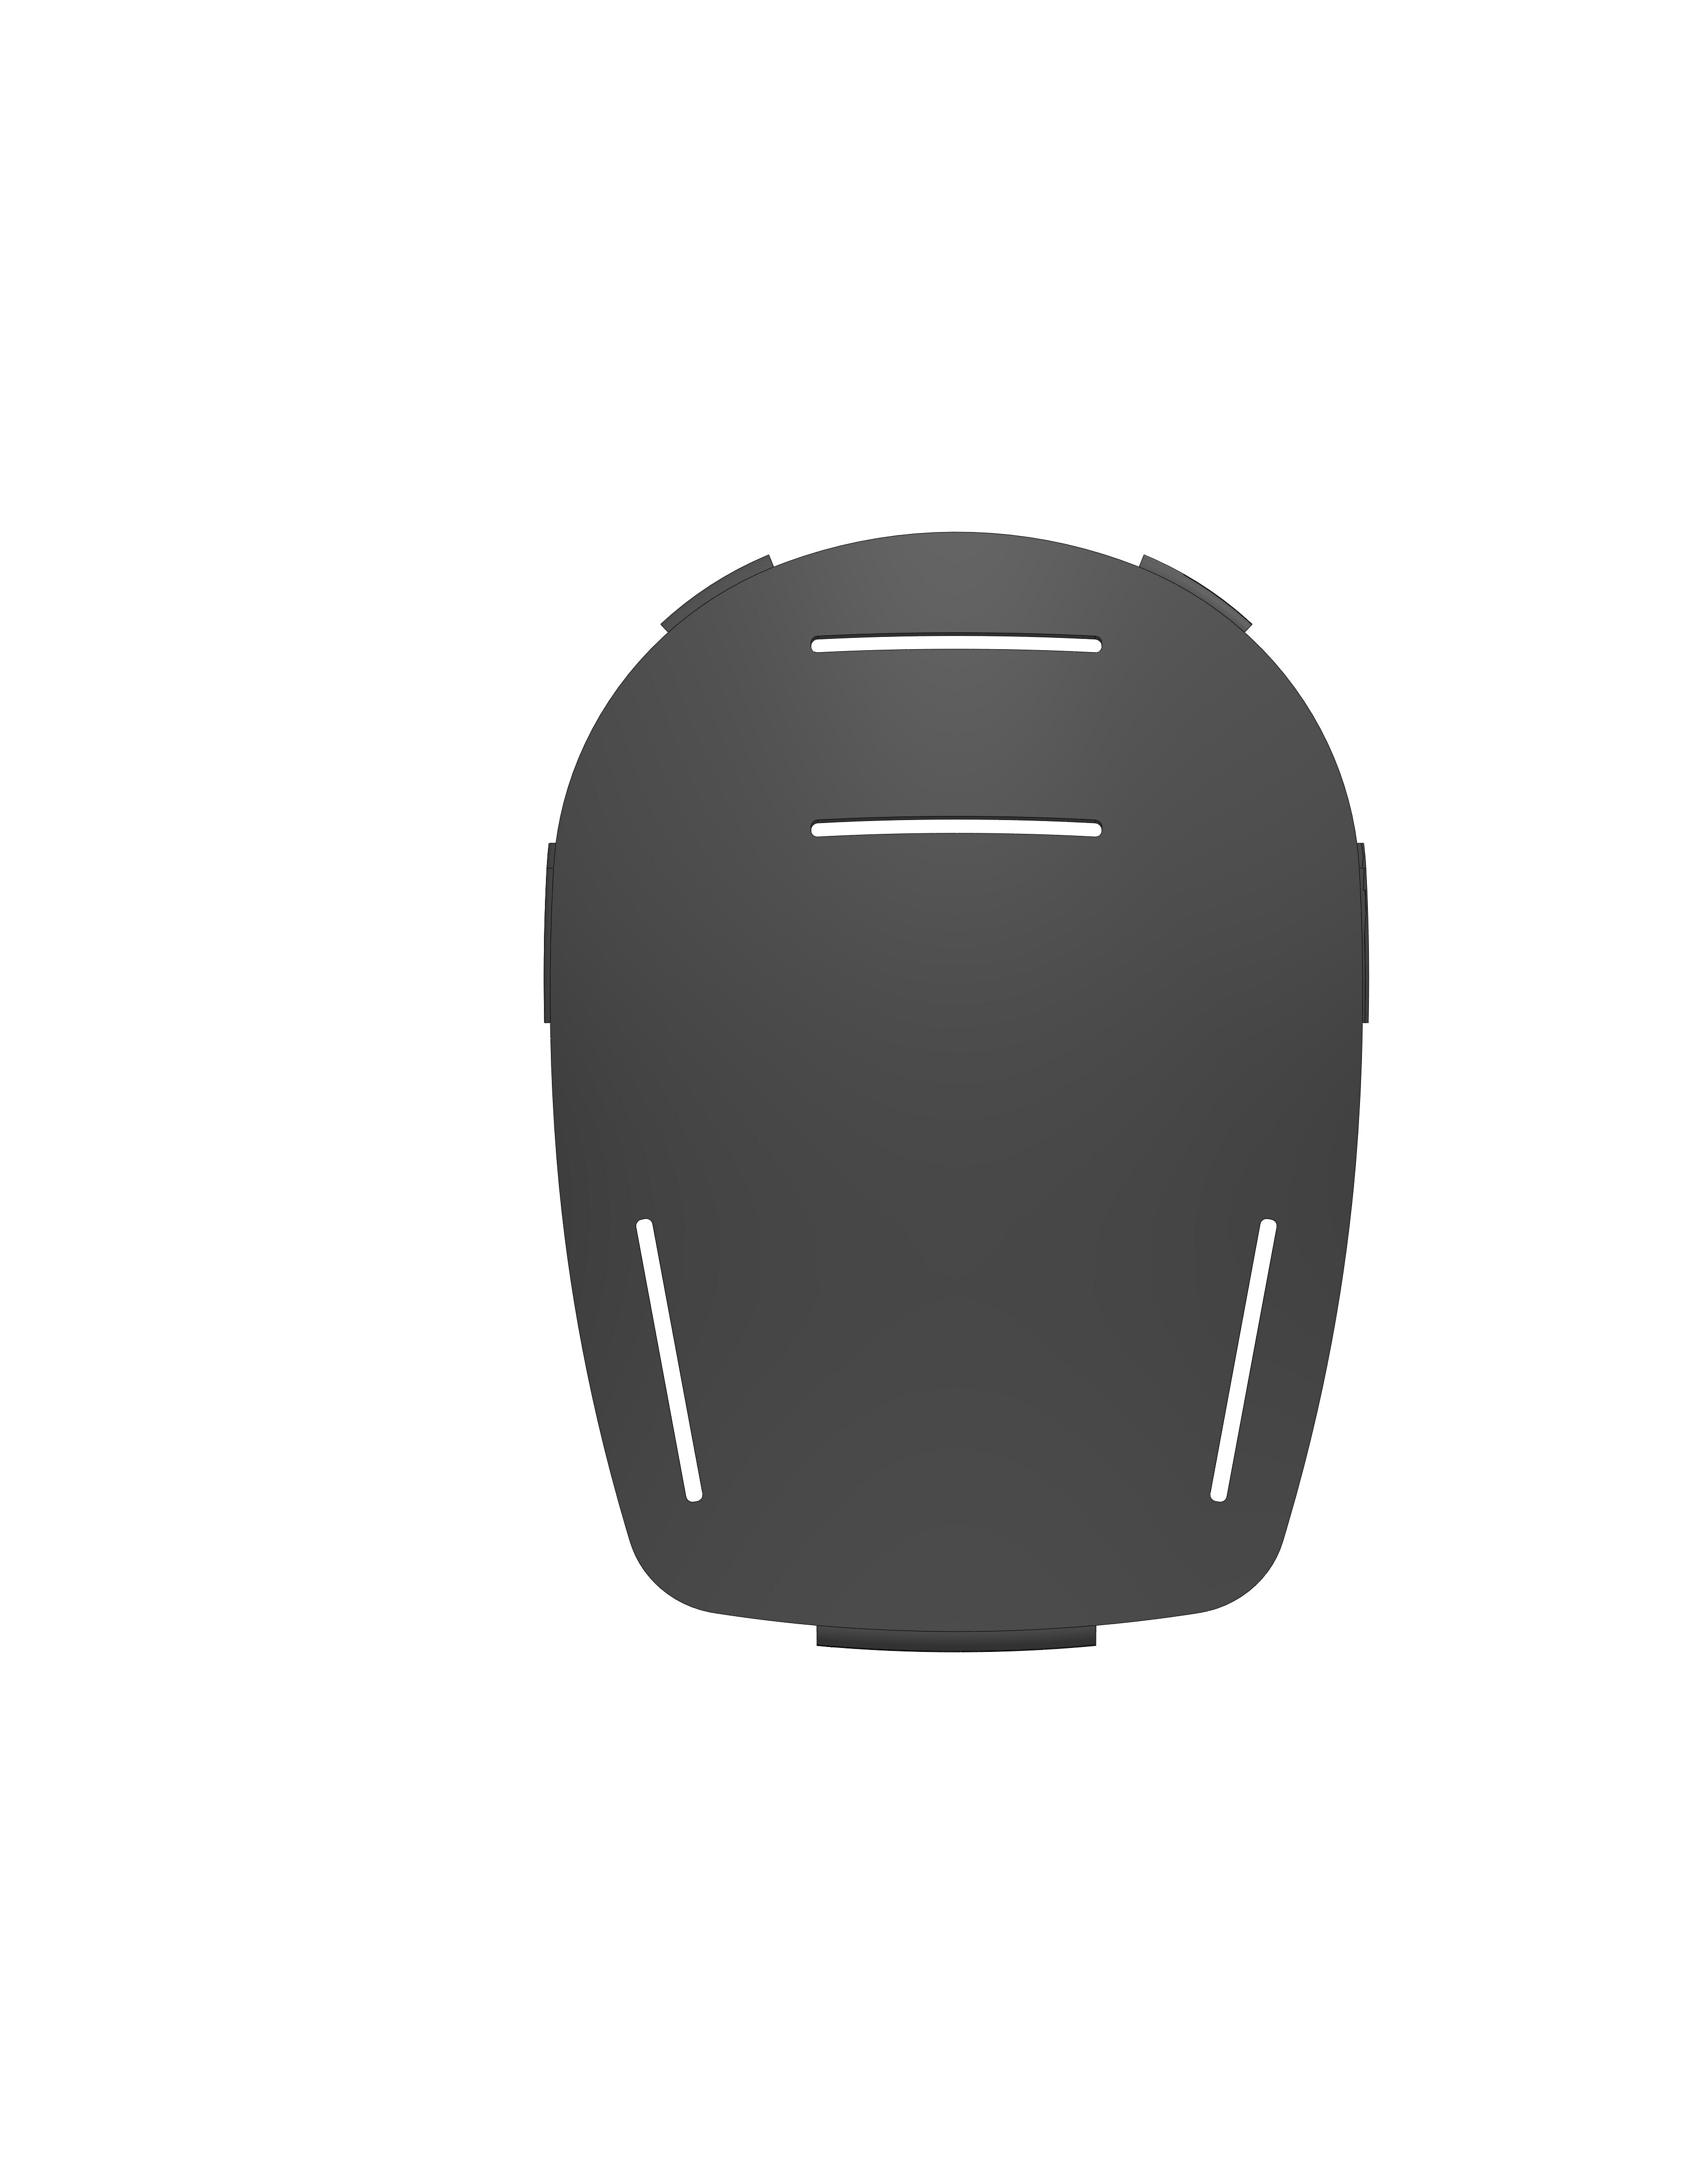 R2015 SPF Rev5 front.JPG